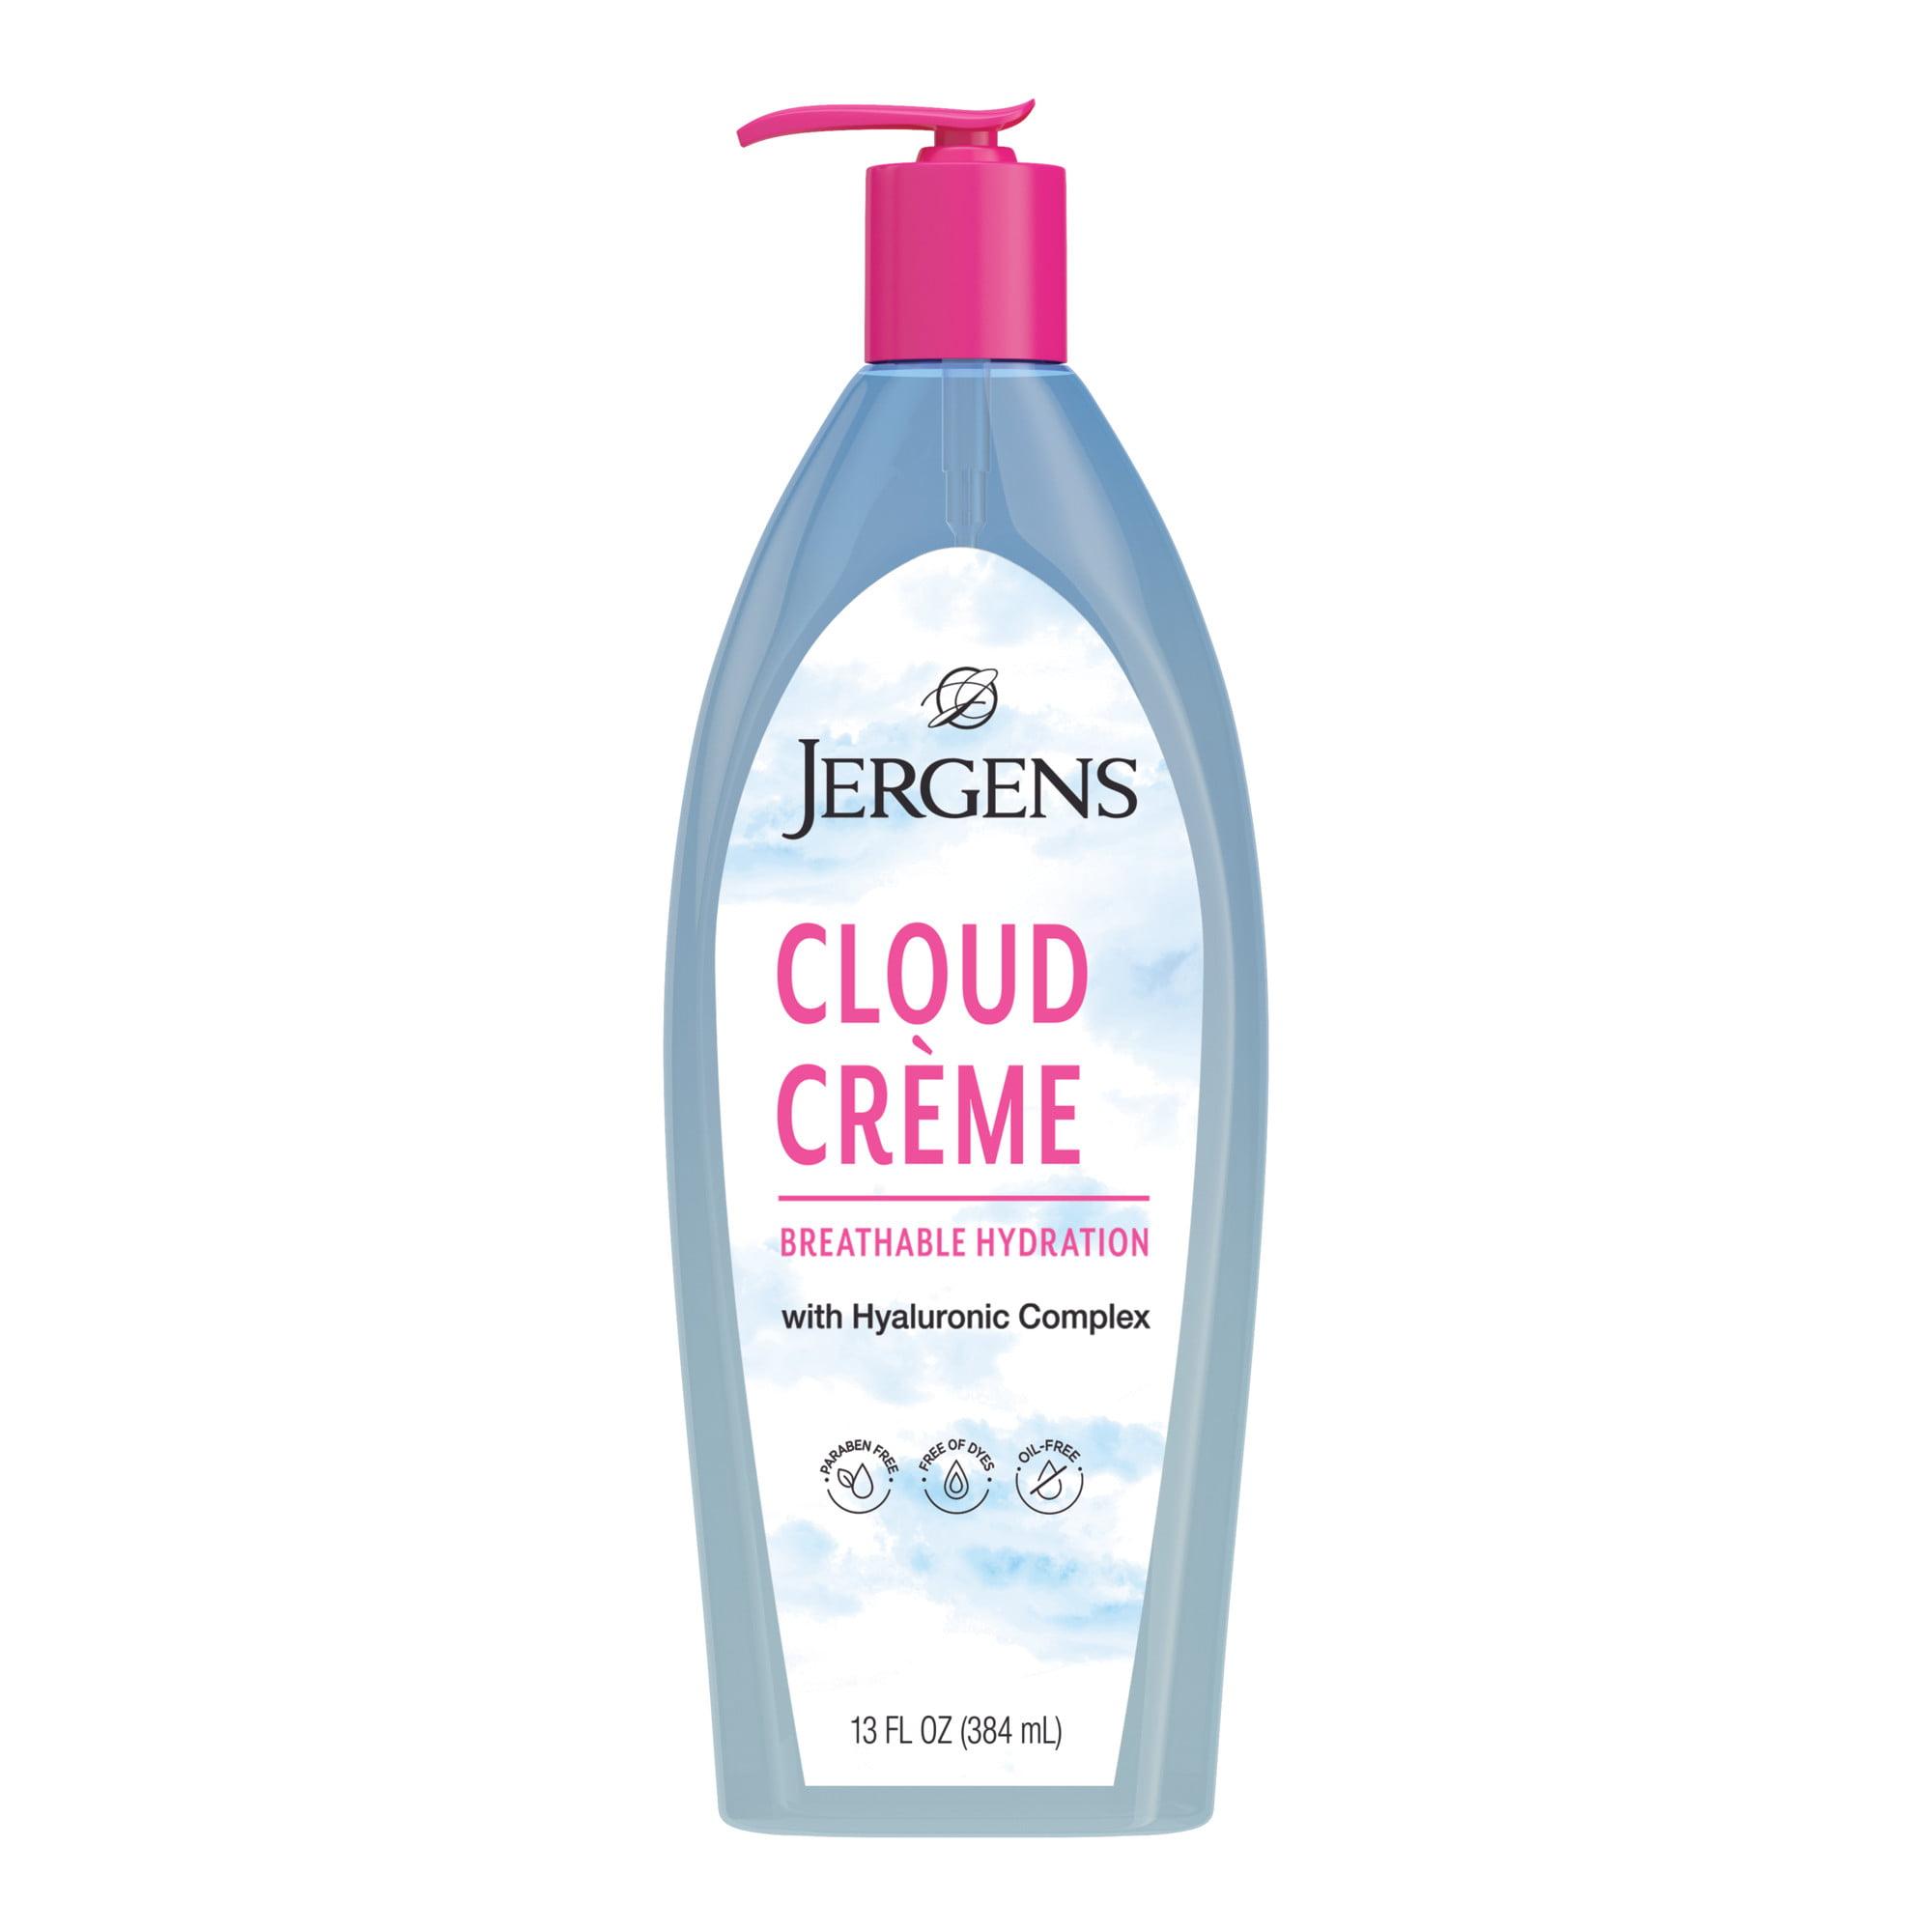 Jergens Cloud Crème